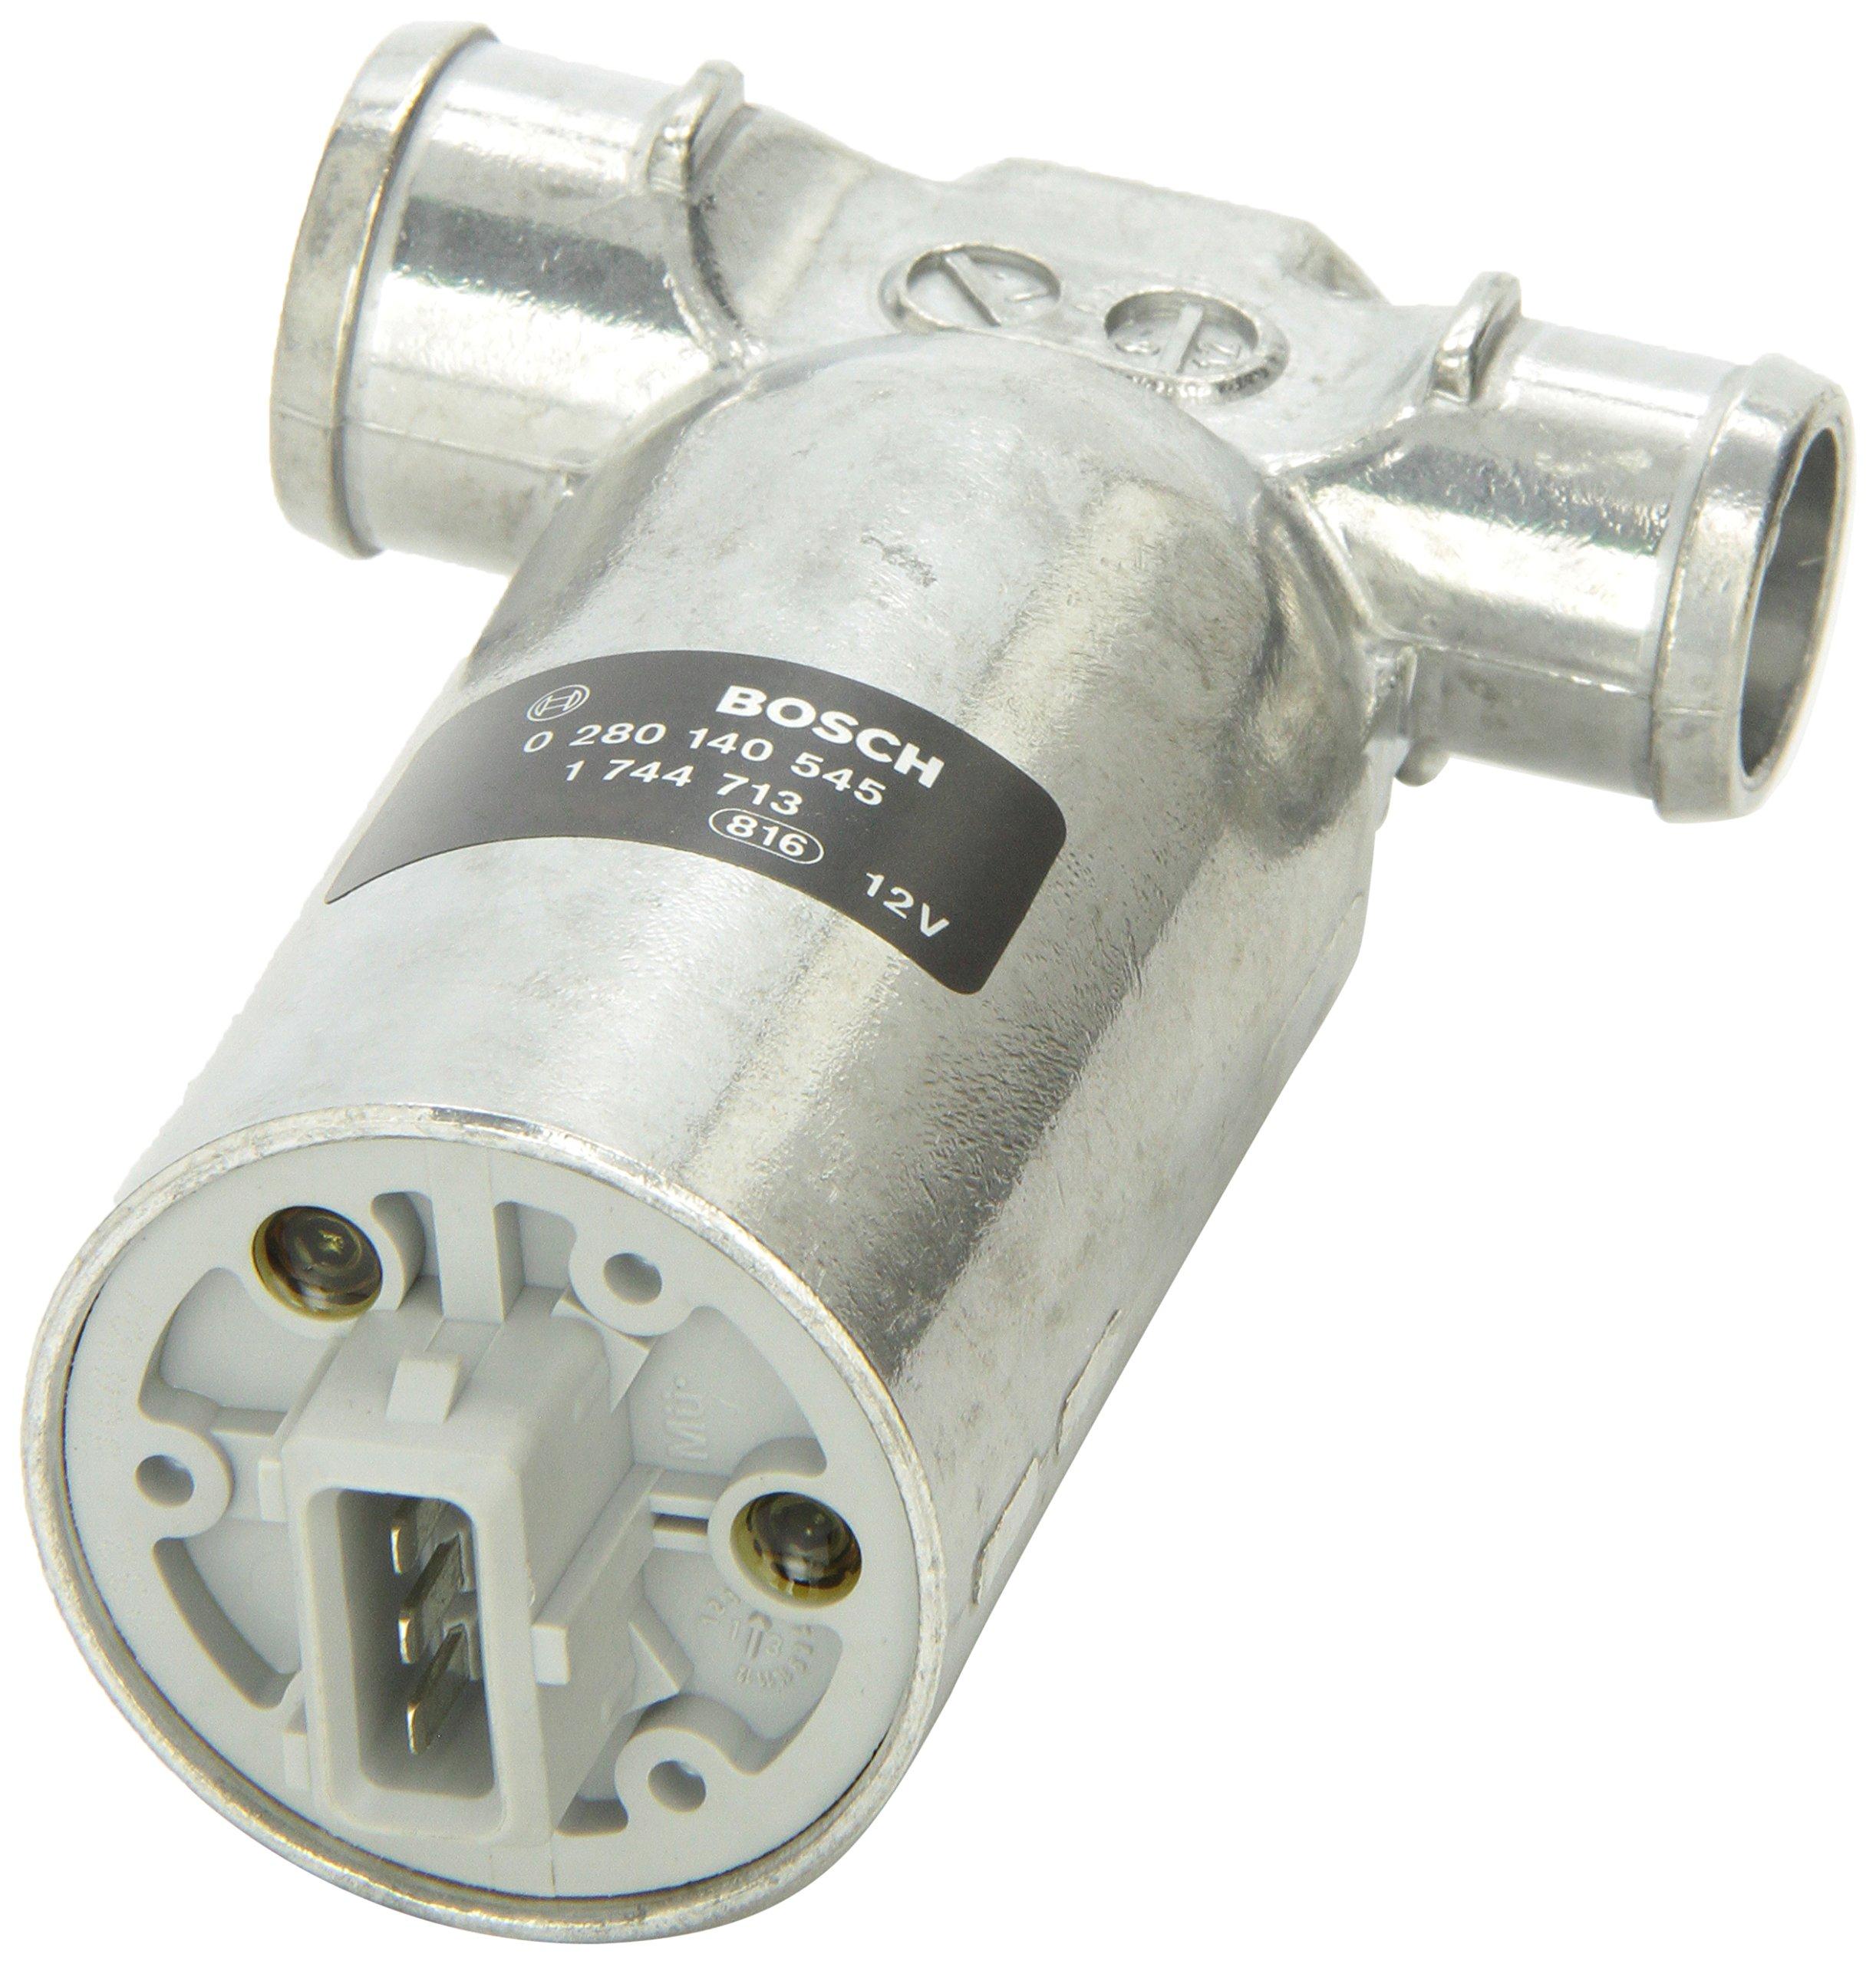 Bosch 0280140545 Original Equipment Idle Air Control (IAC) Valve